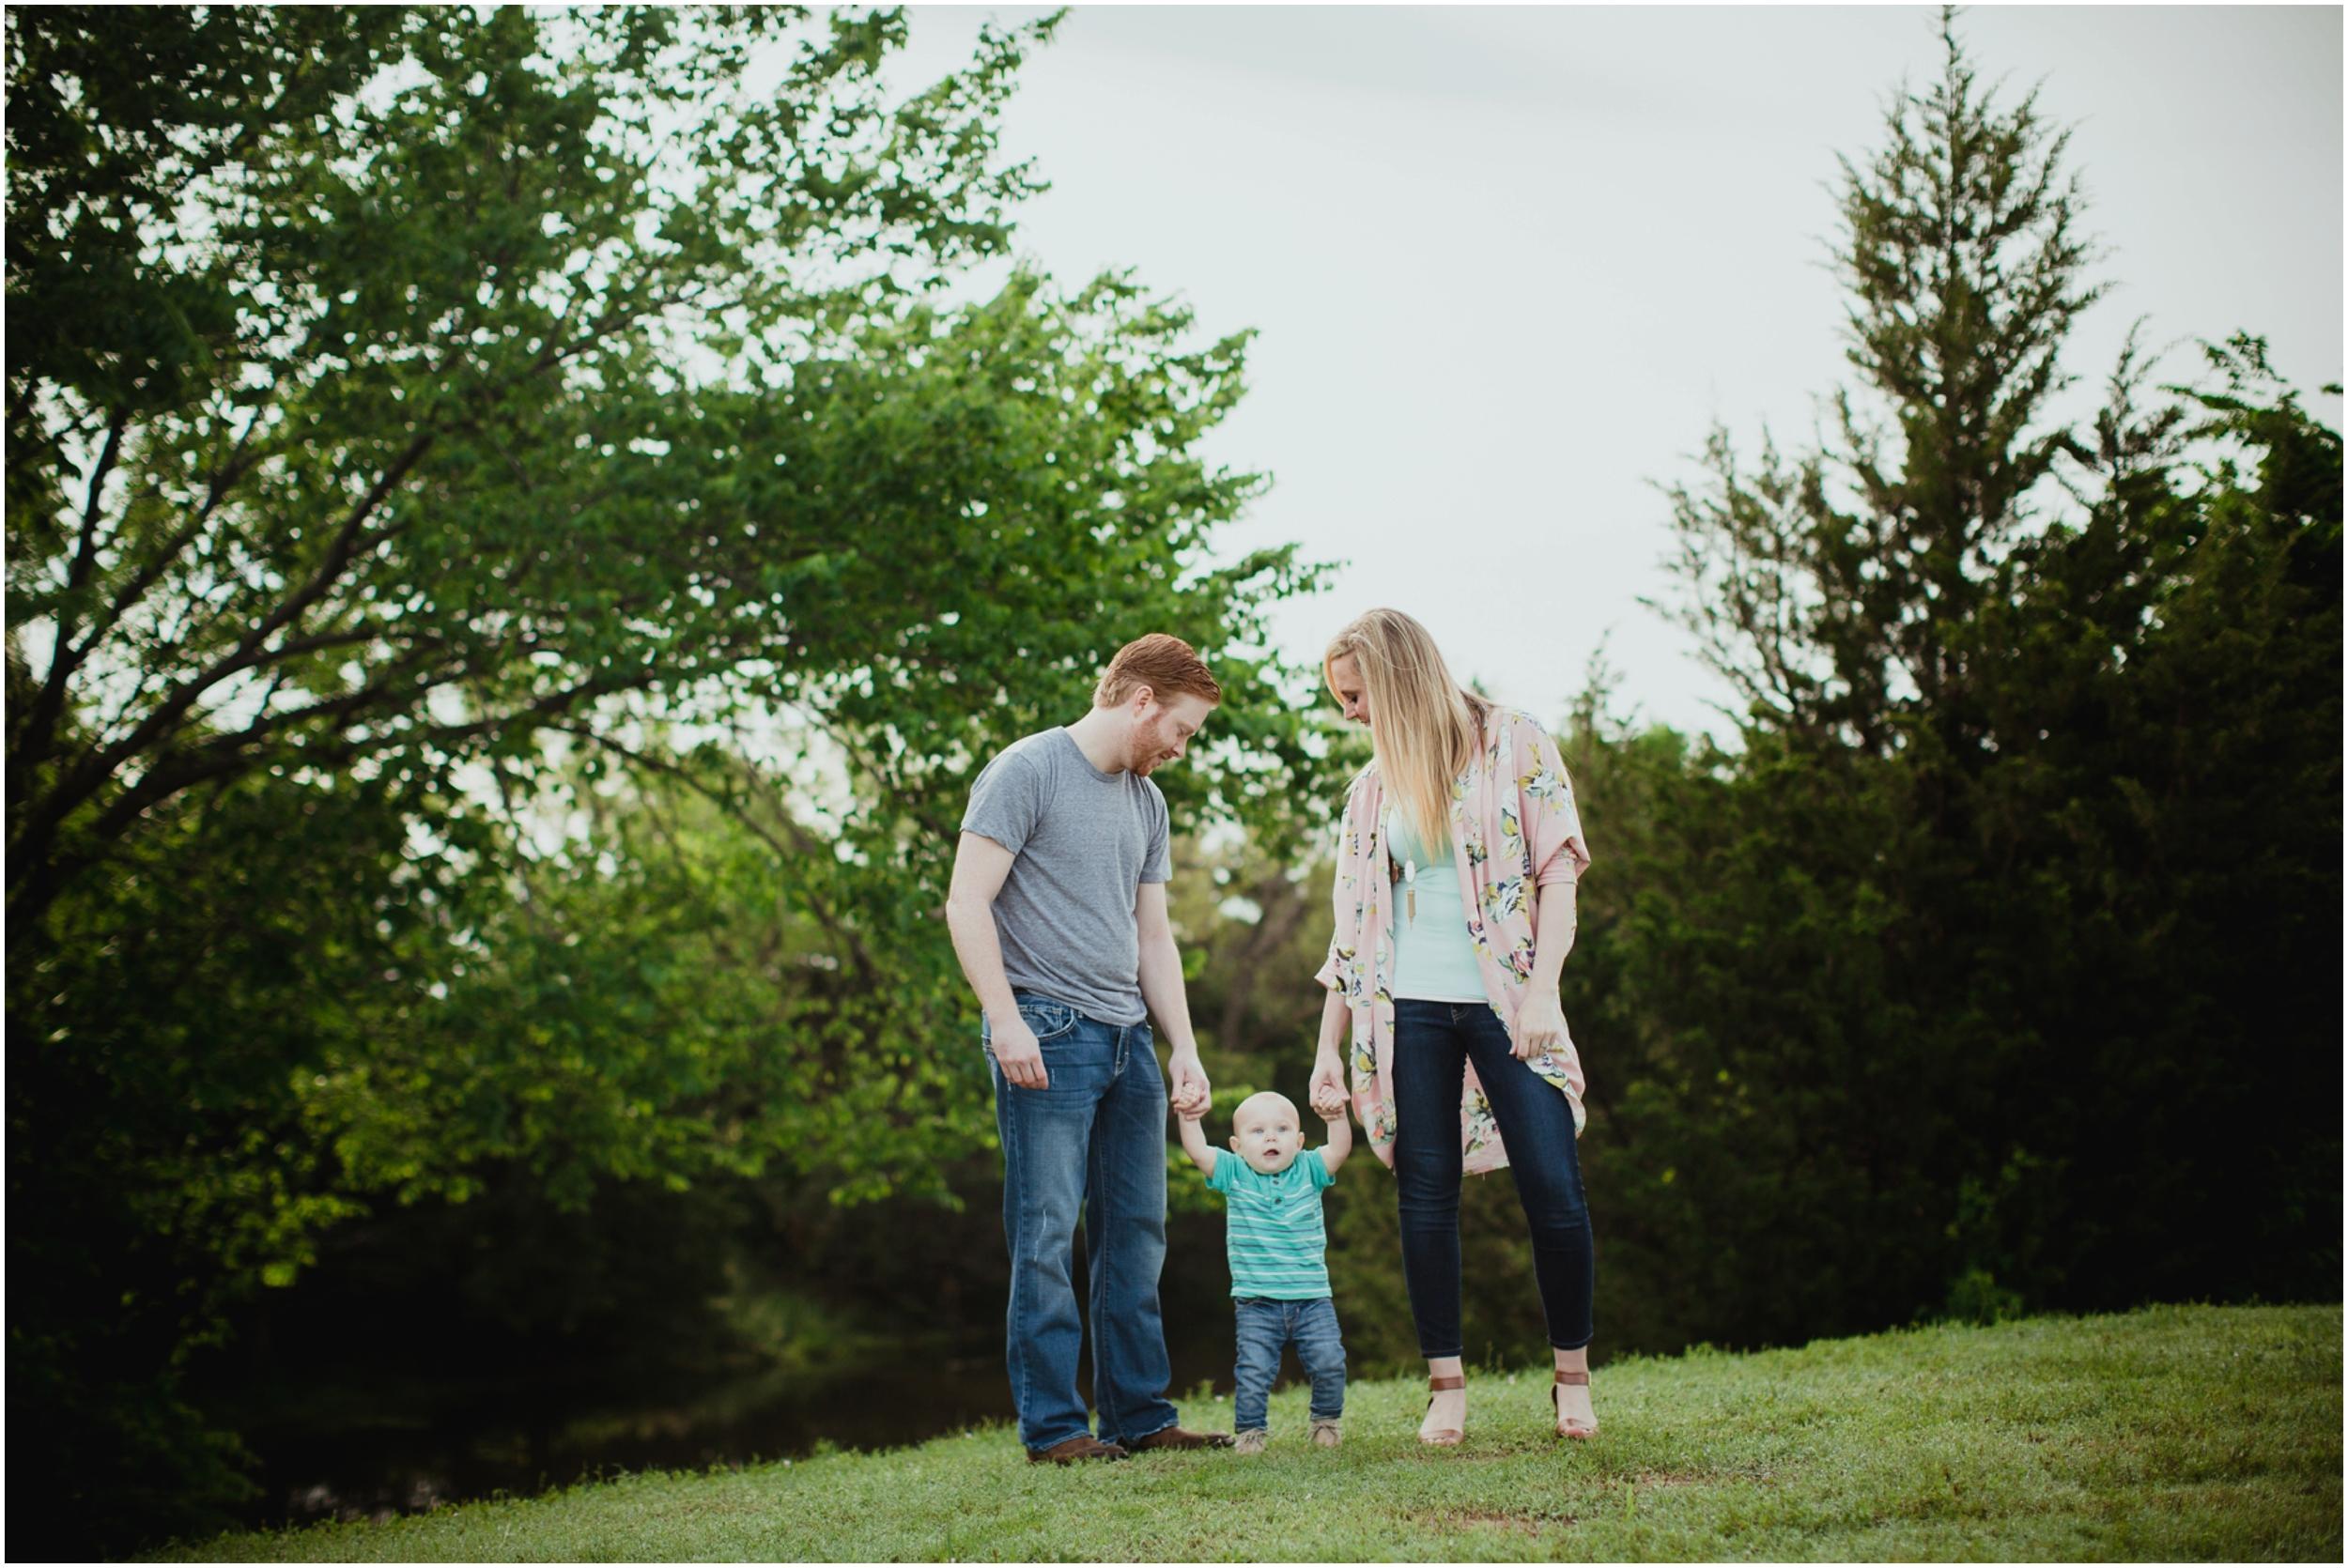 BabyplanphotographerOKC.jpg